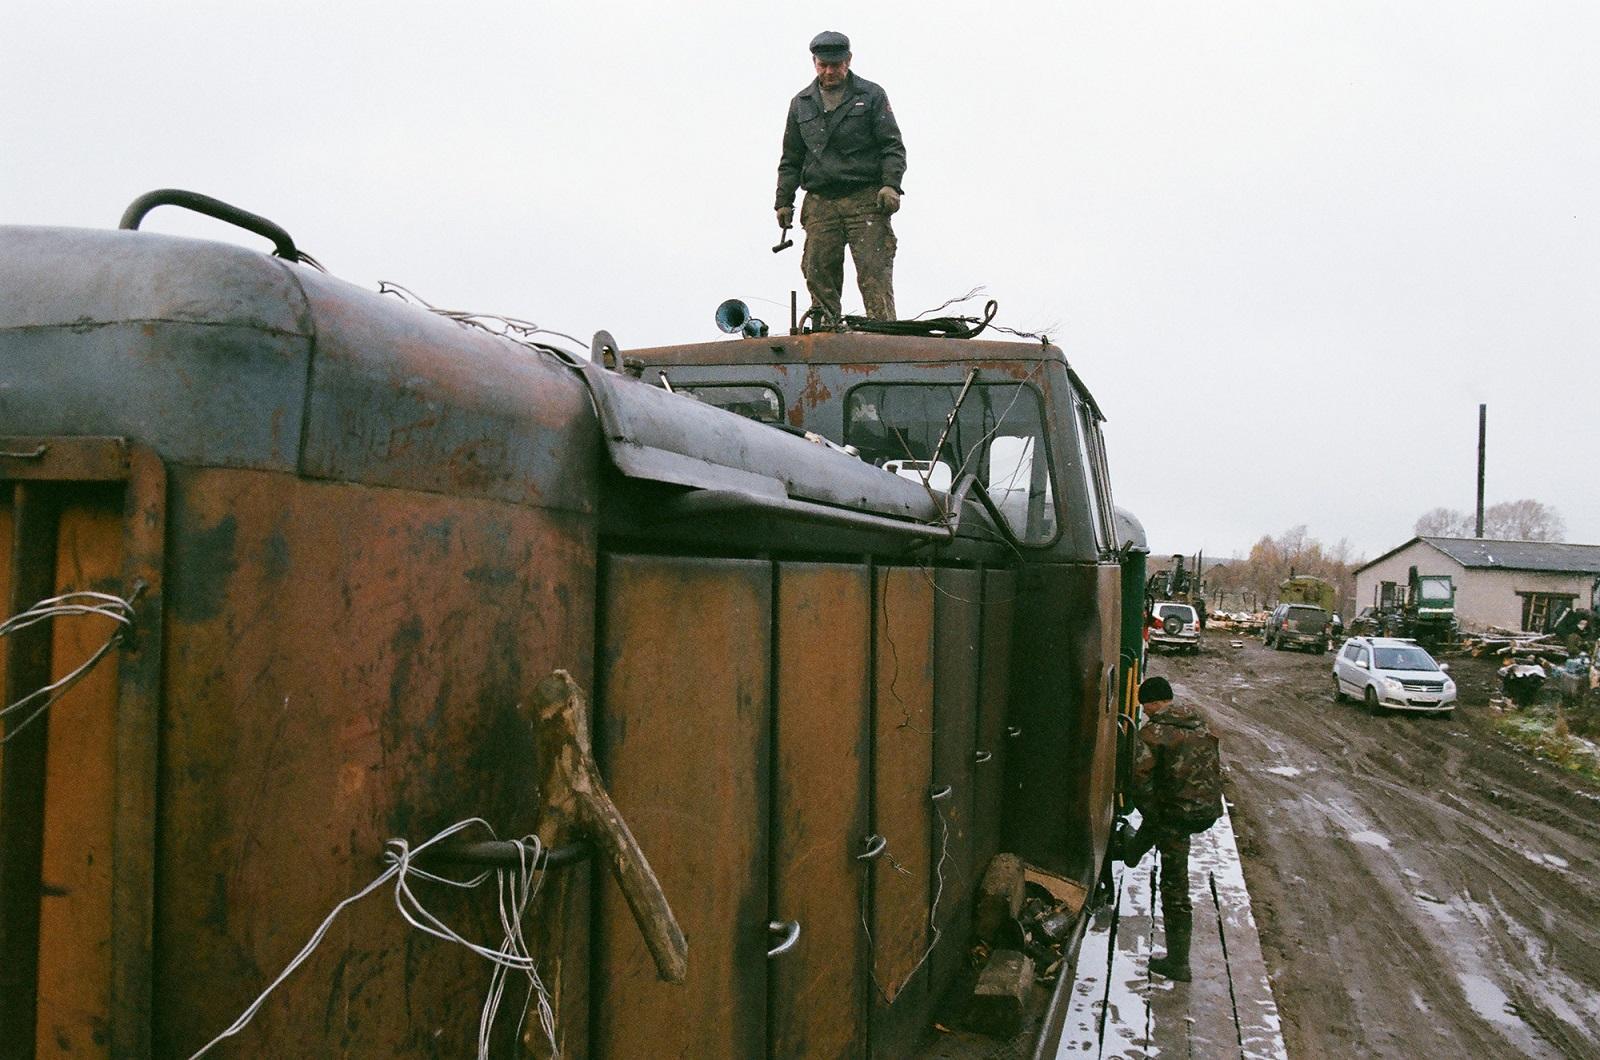 Die Lokomotive Baujahr 1986 mit einem Waggon. Sie kommt morgens zum Tanken nach Lipakowo gefahren, aus Sesa, der letzten an den Gleisen gelegenen Dorfsiedlung